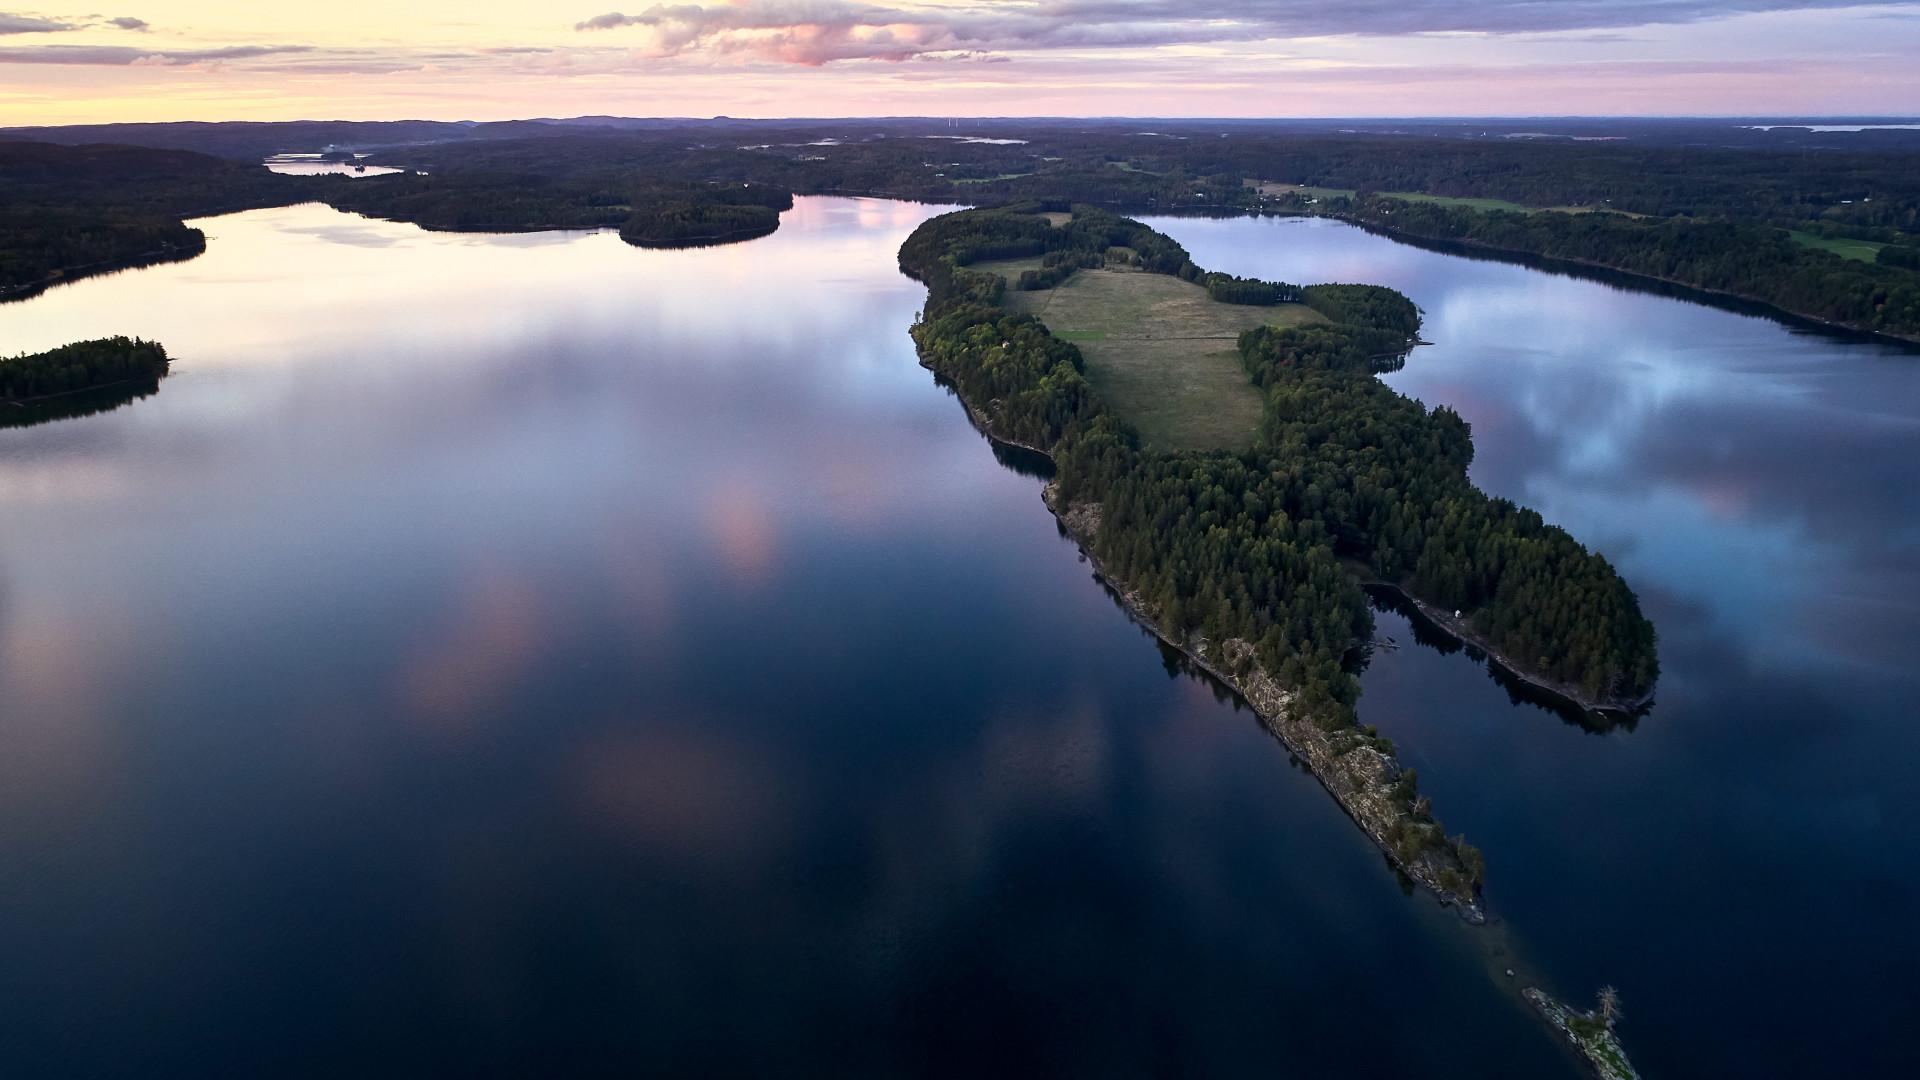 Henriksholm island from above